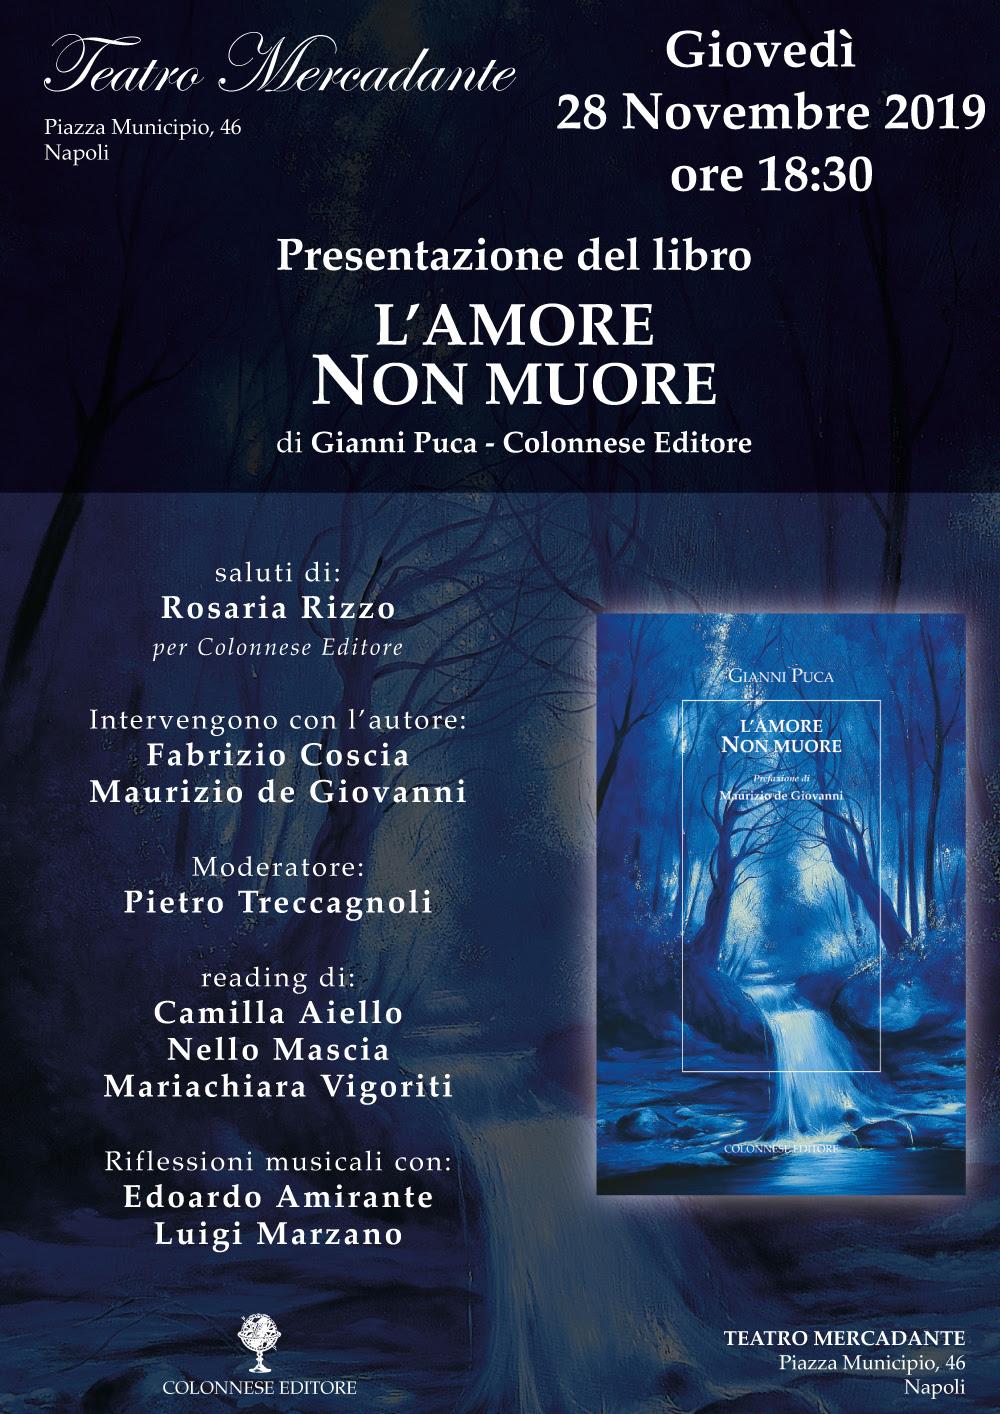 """Al teatro Mercadante la presentazione del libro: """"L'amore non muore"""" di Gianni Puca"""